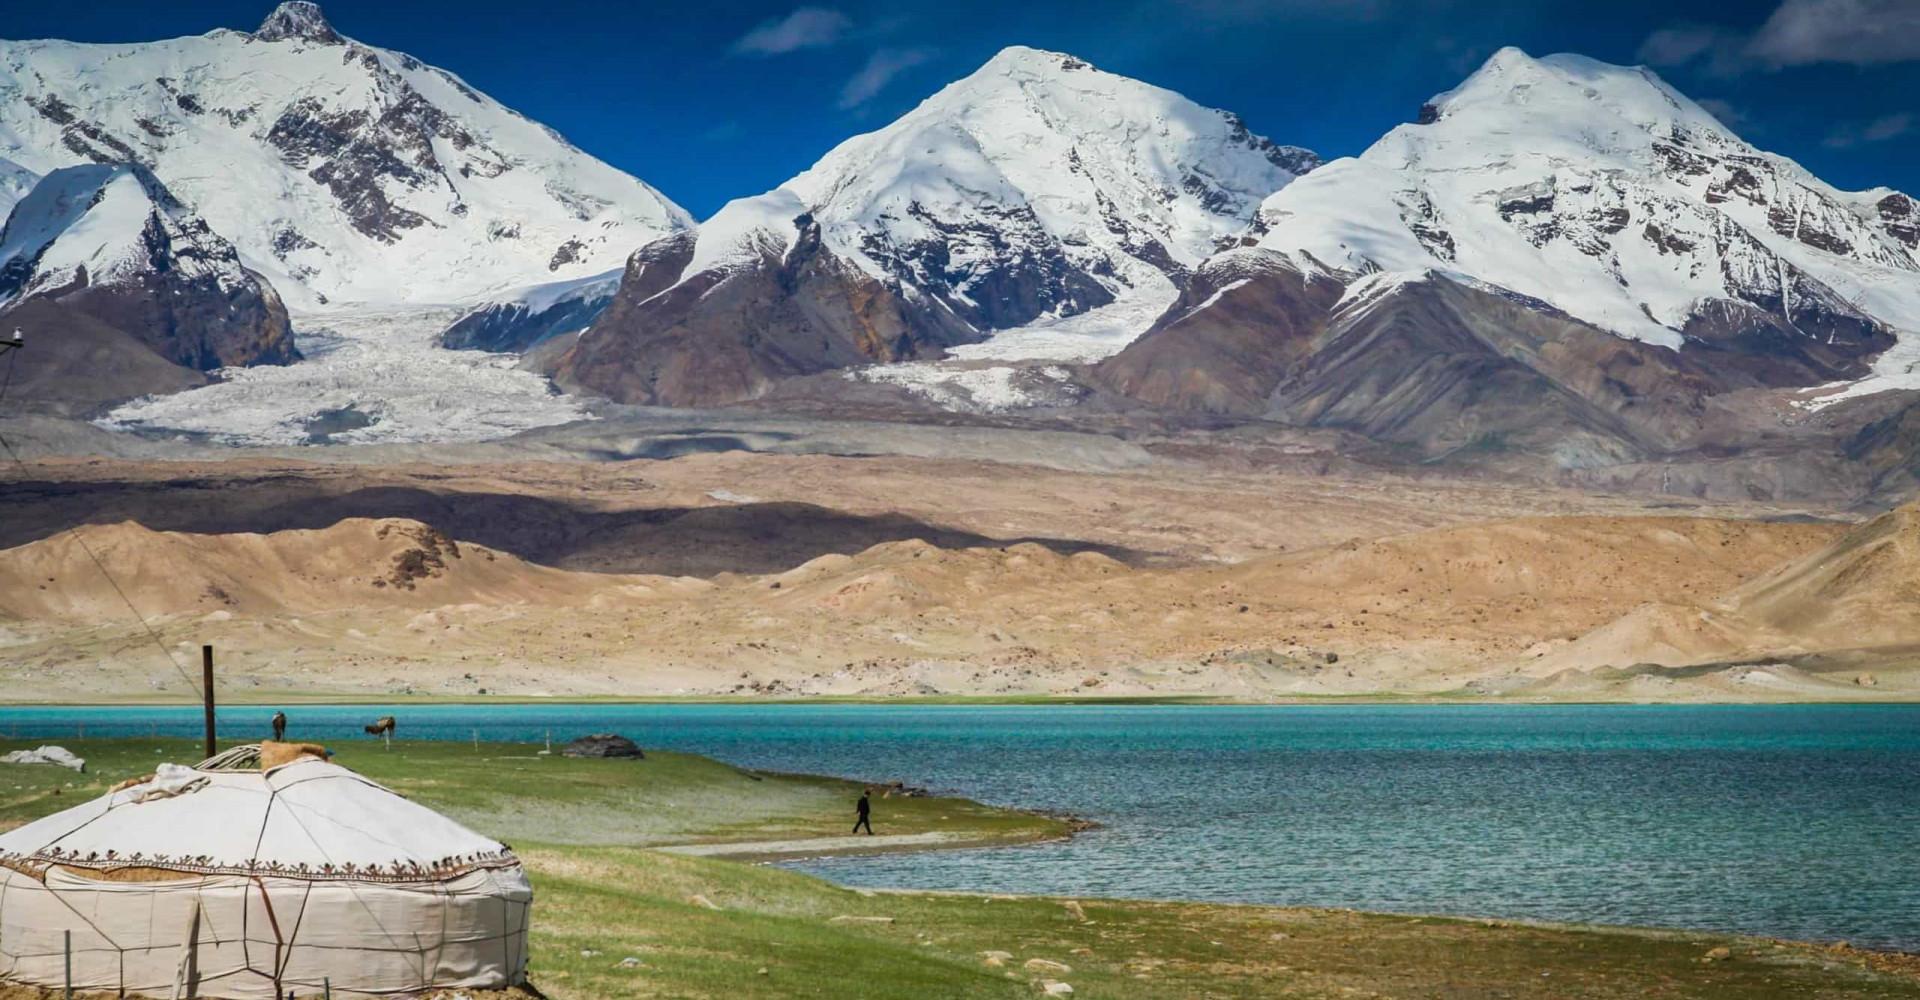 La Chine: un pays plein de merveilles naturelles